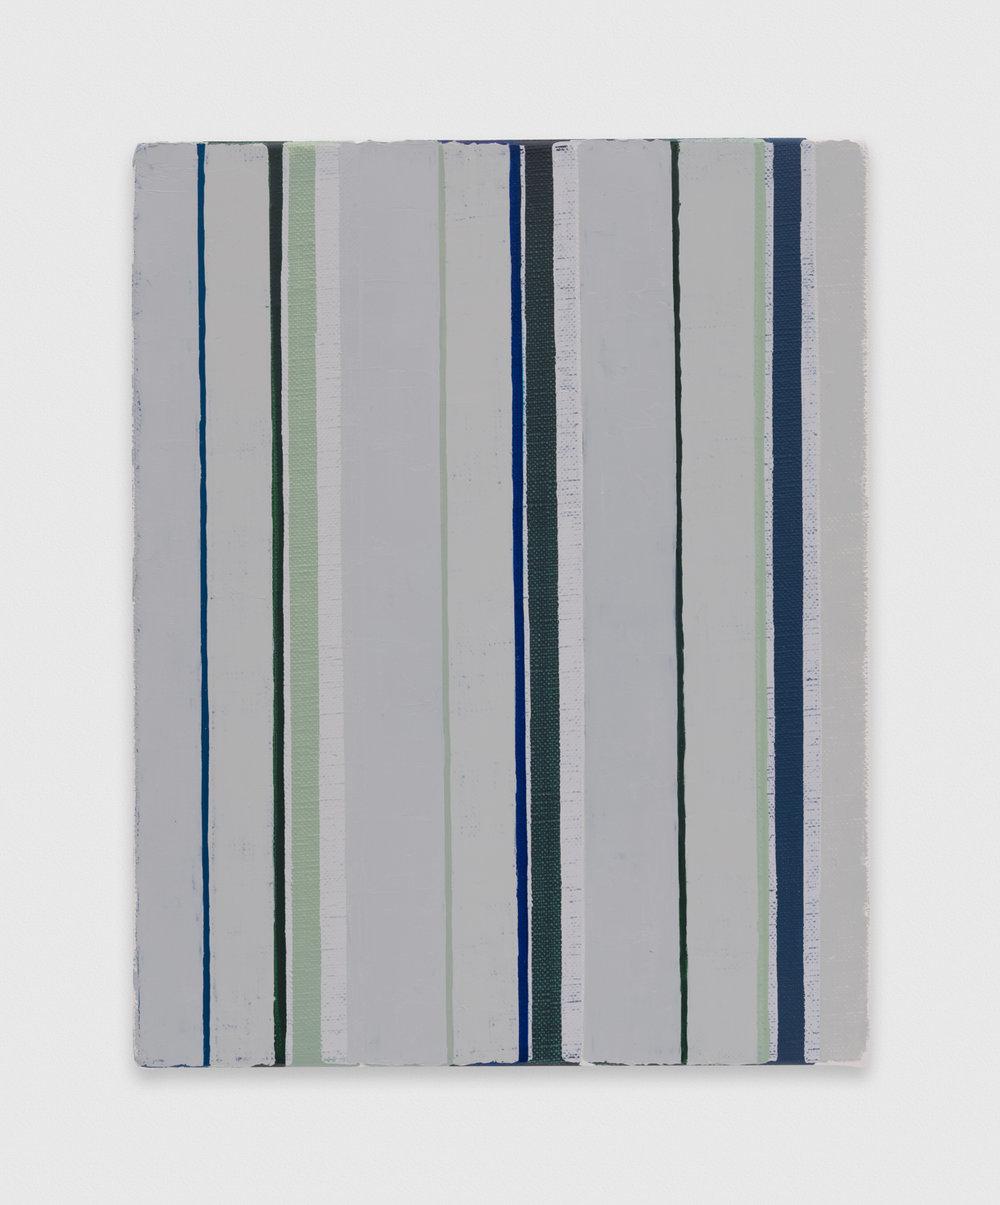 YuiYaegashi  BGG  2018 Oil on canvas 9 1/2h x 7 1/2w in YY123